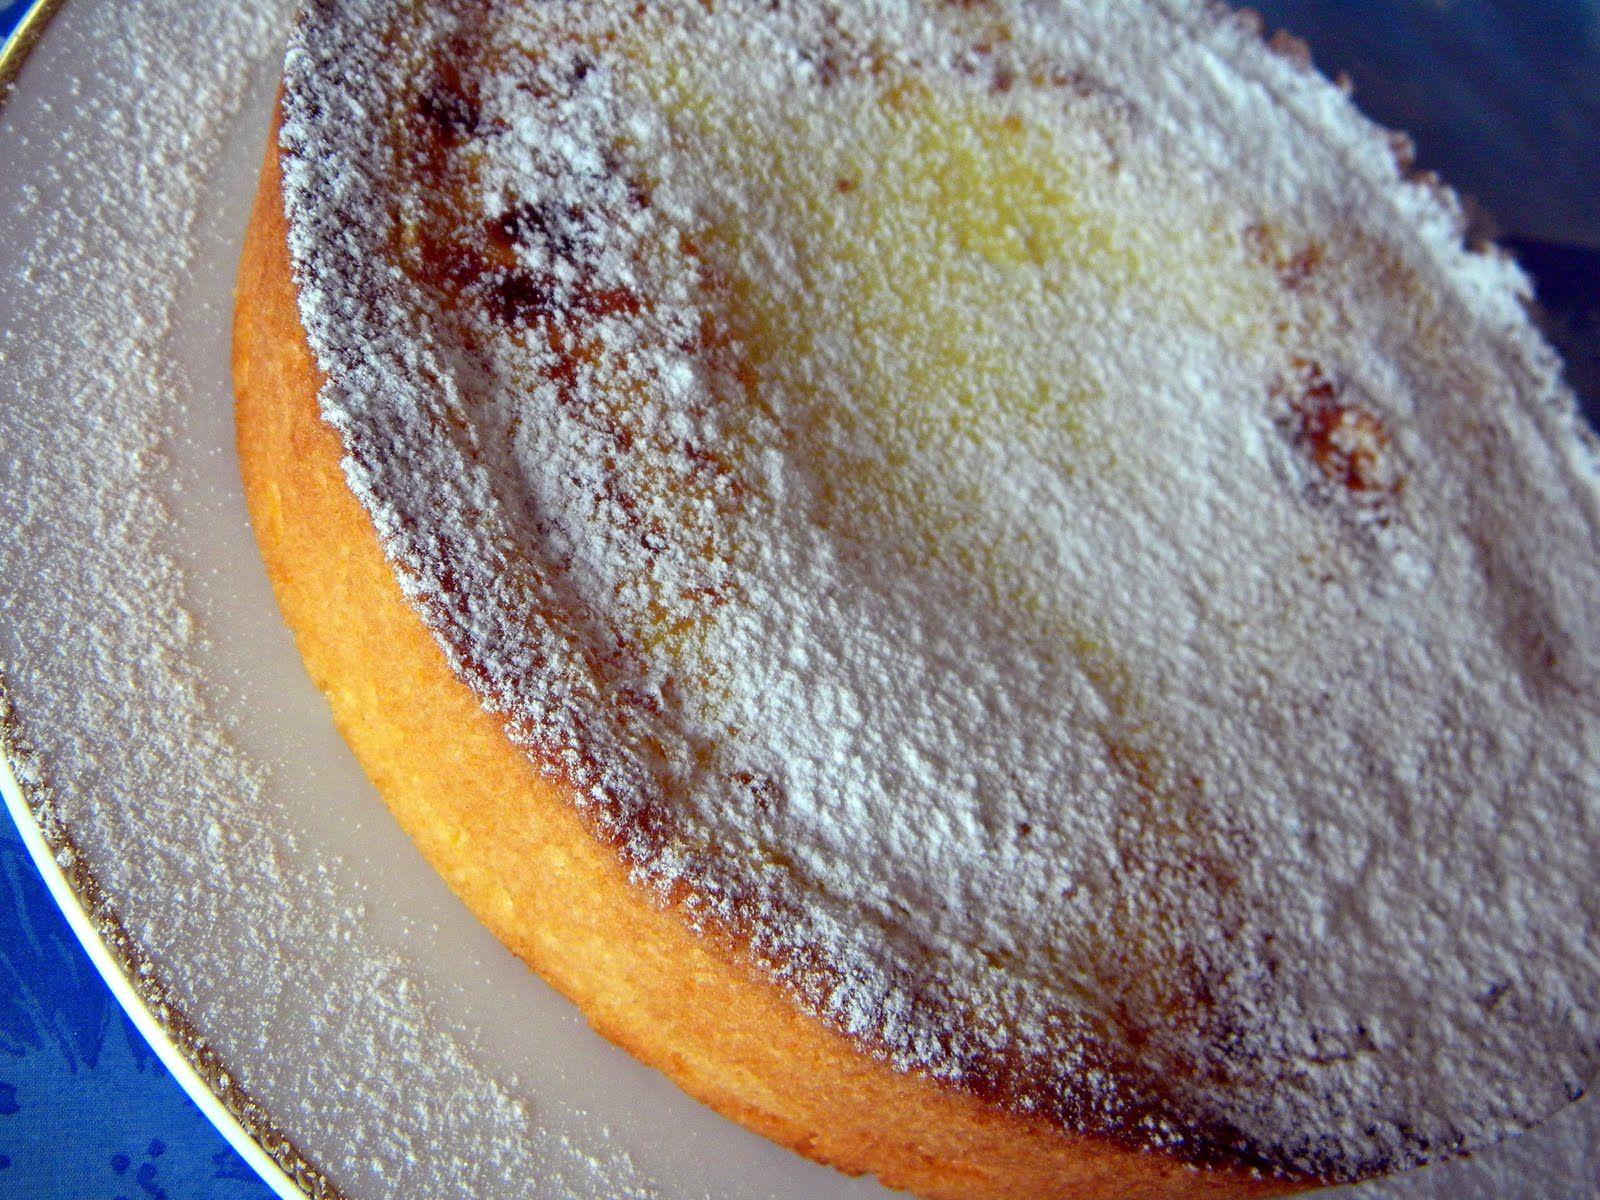 INGREDIENTI   PER LA BASE:   400 grammi di farina  200 grammi di zucchero  200 grammi di burro  1 uovo intero e 2 tuorli  mezza bustina d...